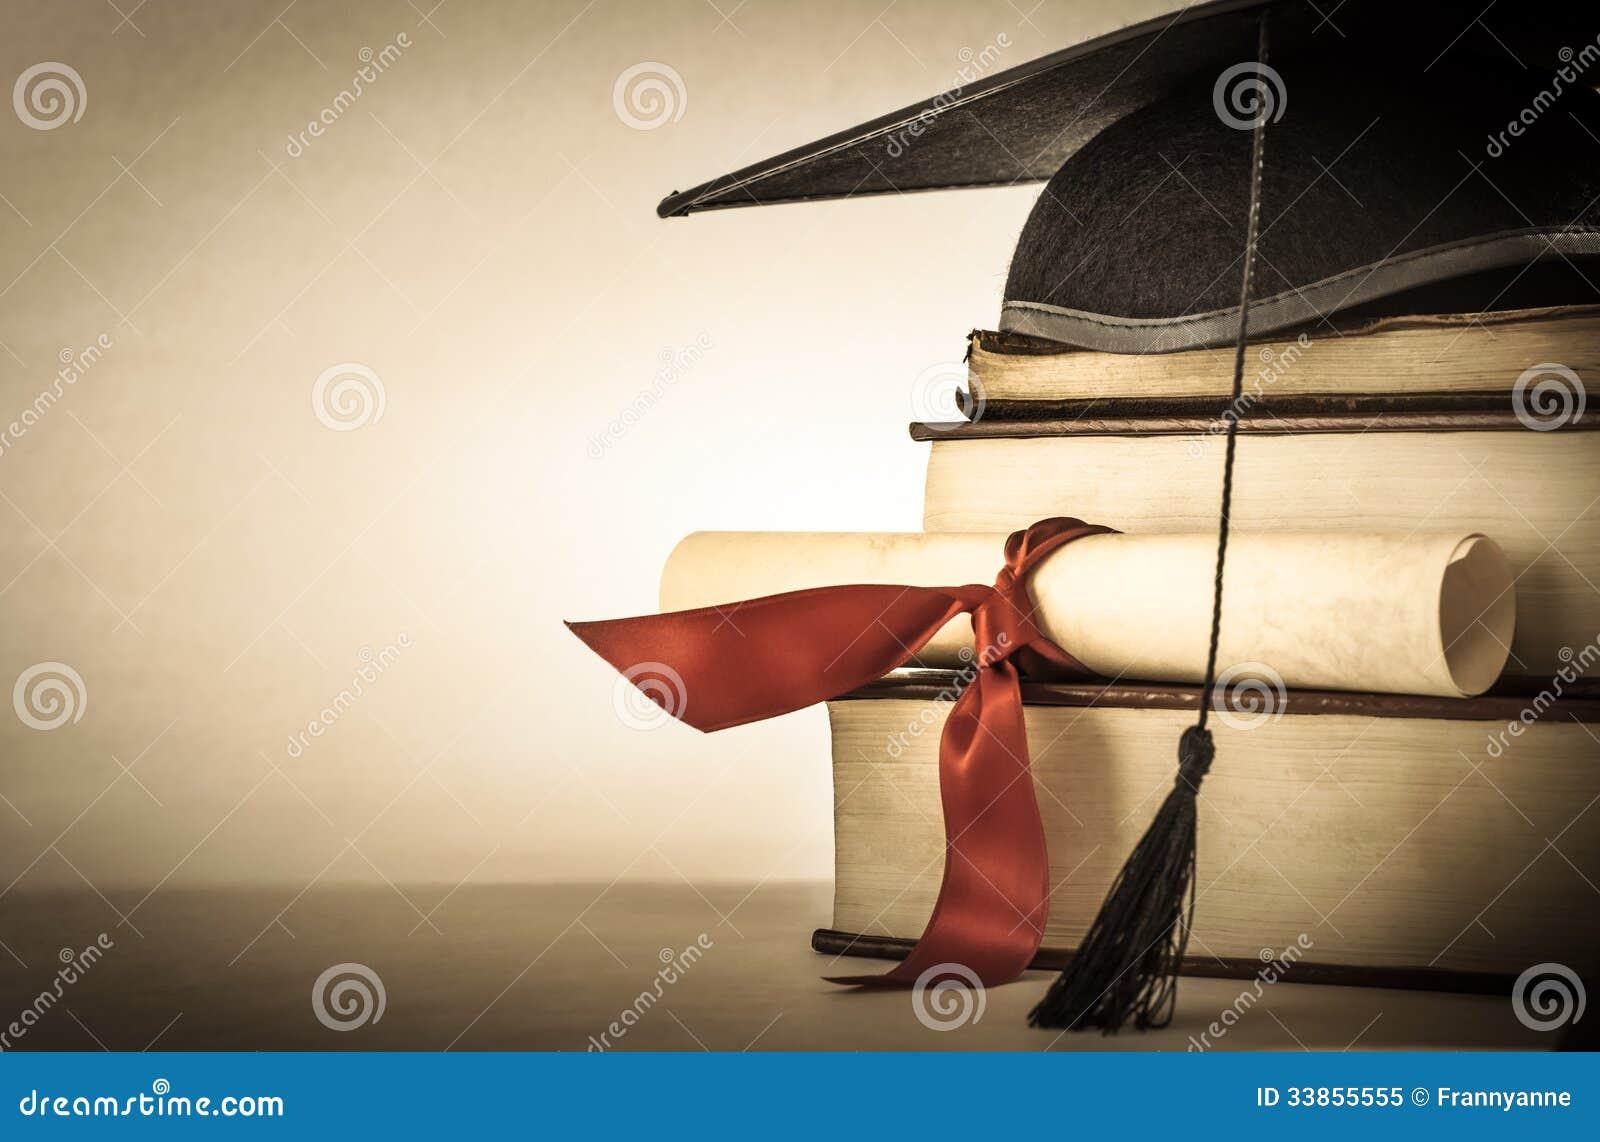 Avläggande av examensnirkel- och bokbunt